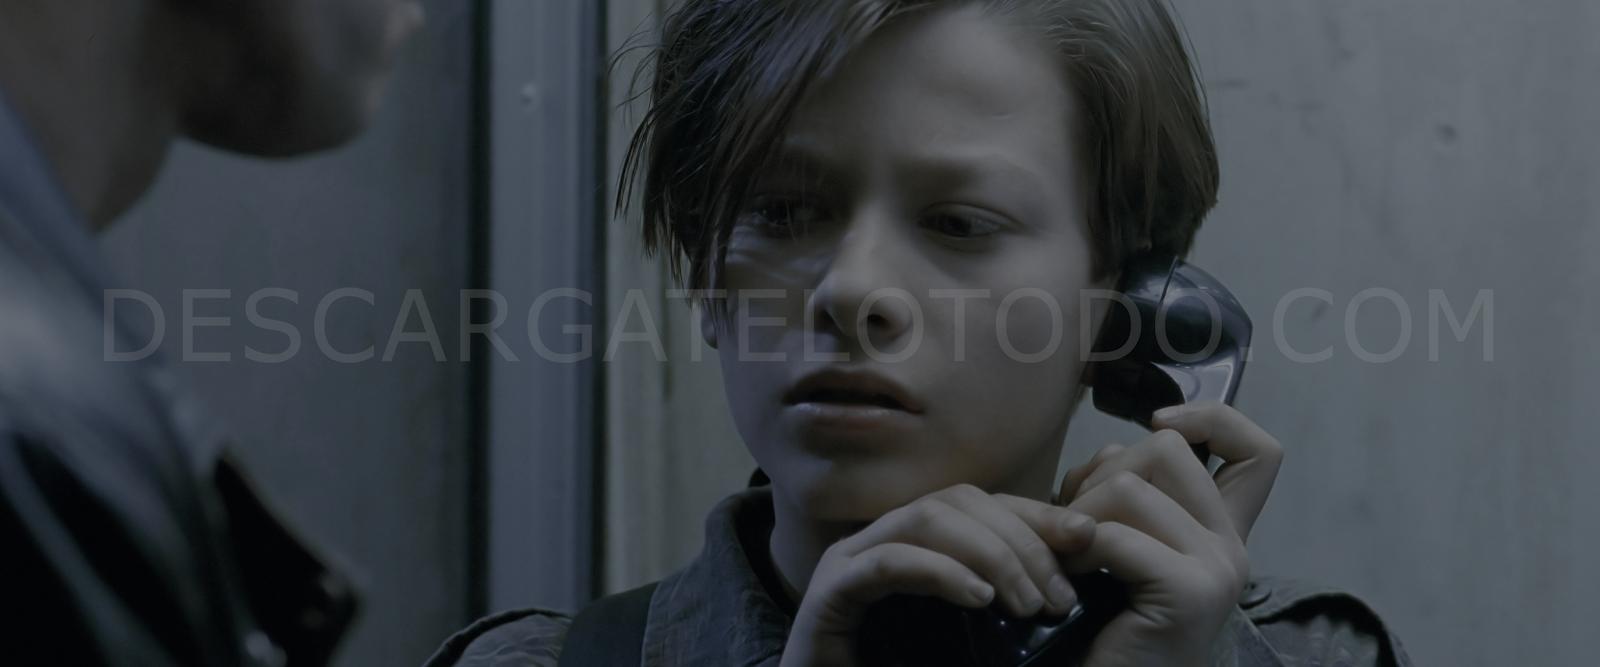 Terminator 2 - El día del juicio (1991) Theatrical 4K UHD [HDR] Latino-Ingles captura 2